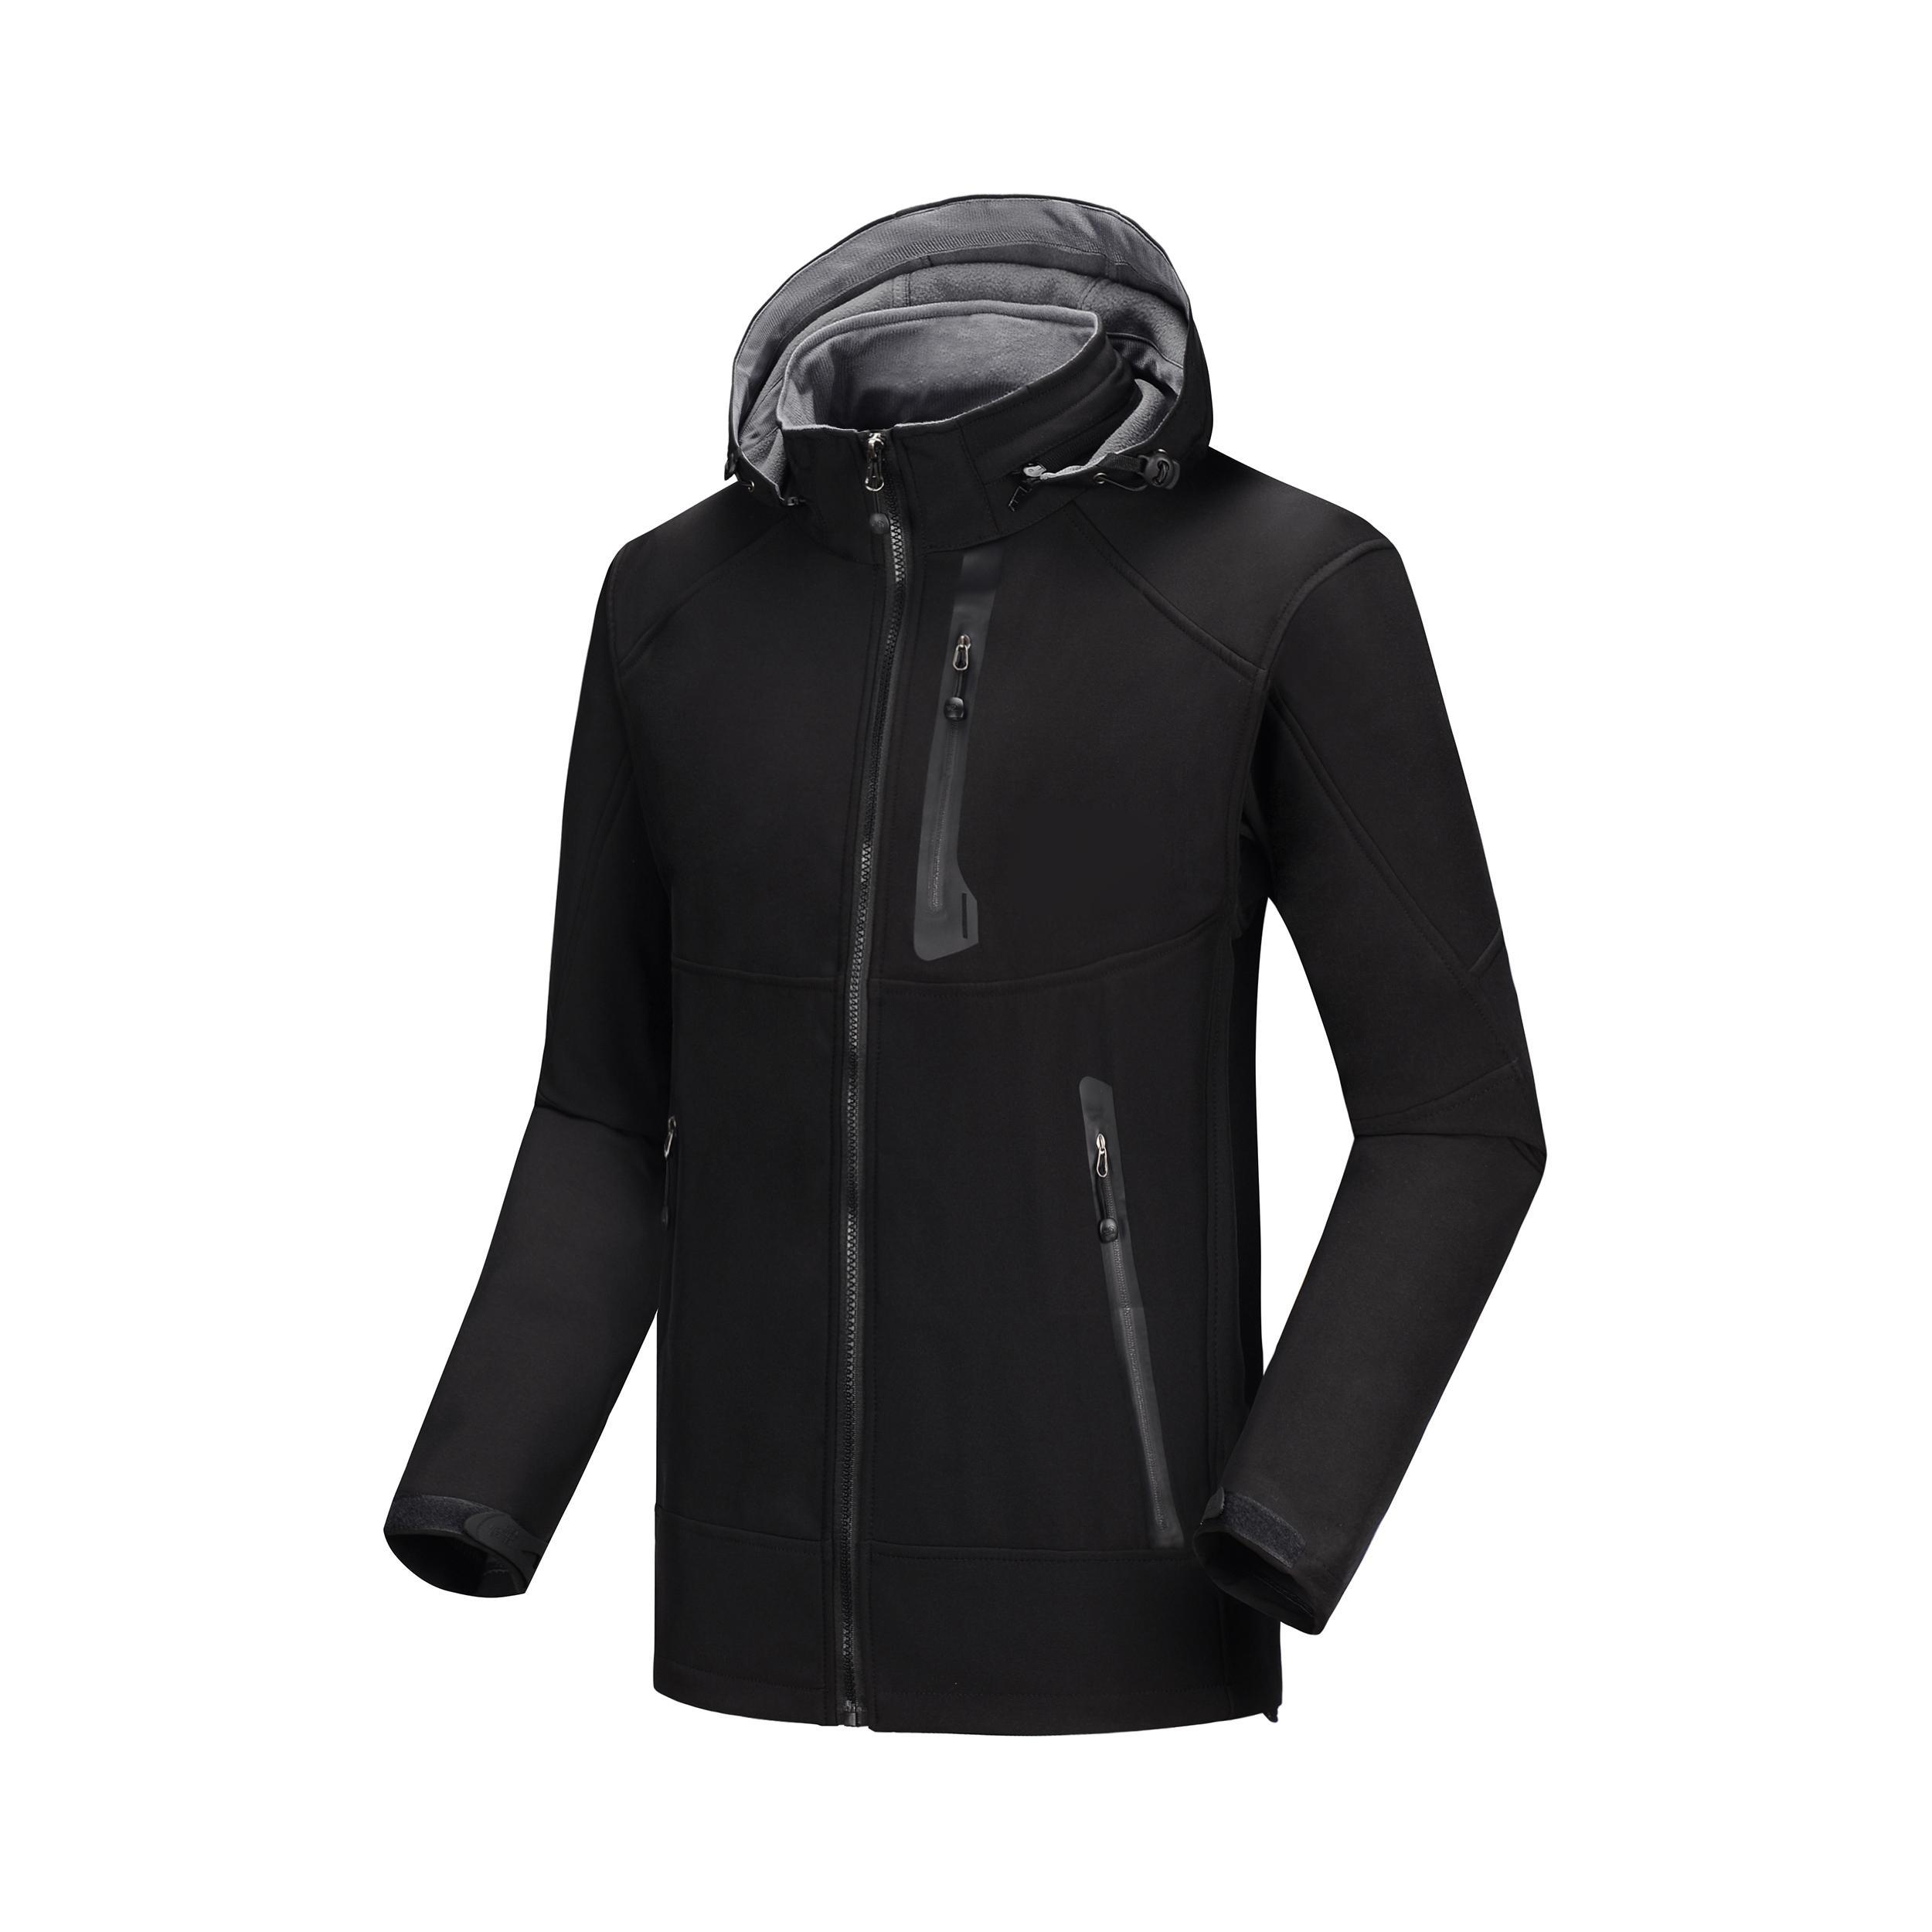 Uomini Giacca classica all'aperto Impermeabile Traspirante Softshell Sport Cappotti Sci Escursionismo Antivento Antivento Inverno Outwear Men Uomo Escursionismo Giacche